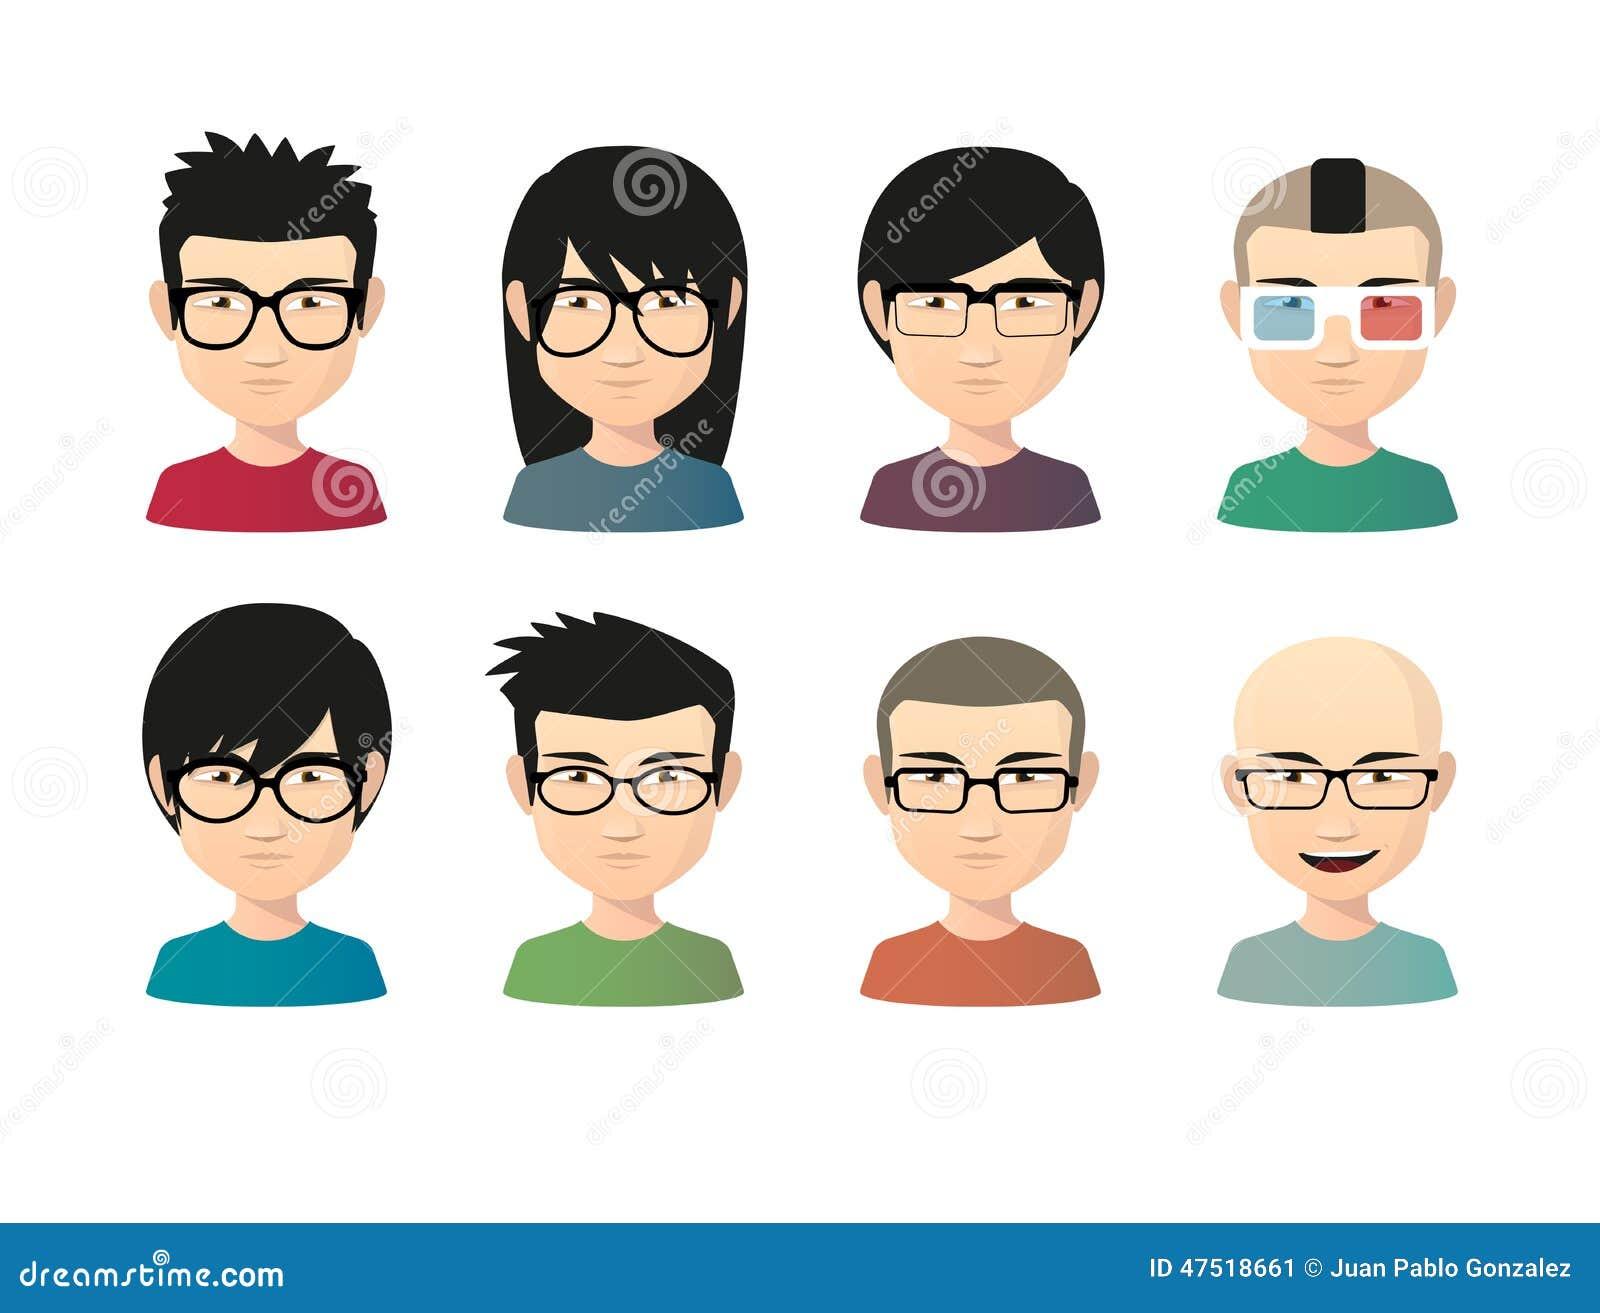 被隔绝的套的例证有戴眼镜的各种各样的发型的亚裔男性具体化.图片